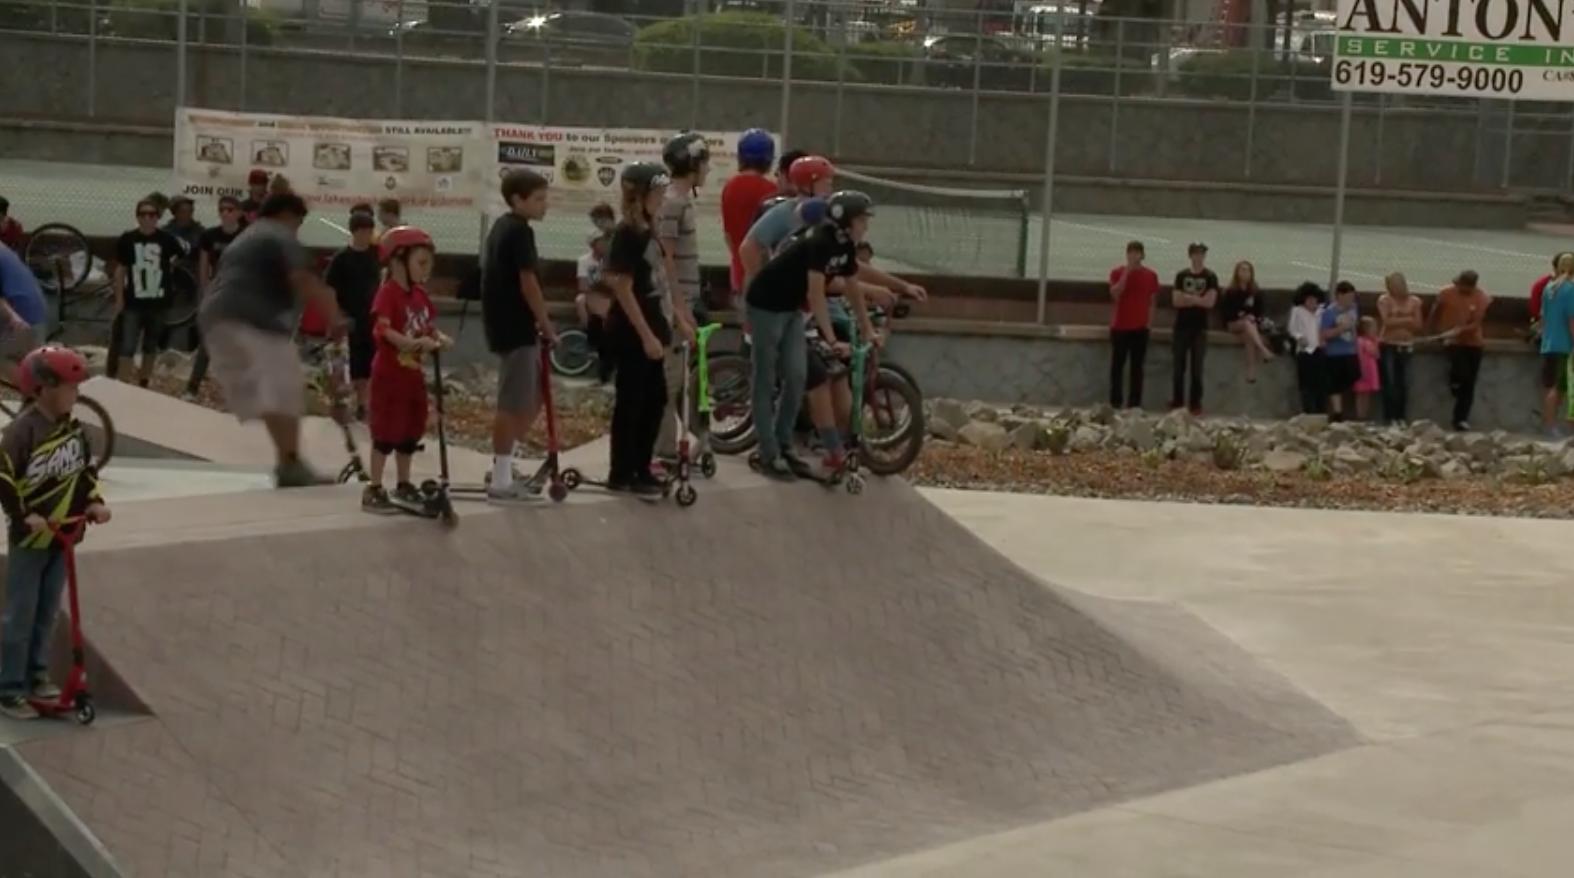 Gesetzgeber Führt Bill zu einem Schild Kommunen von der Skate-Park in der Haftung